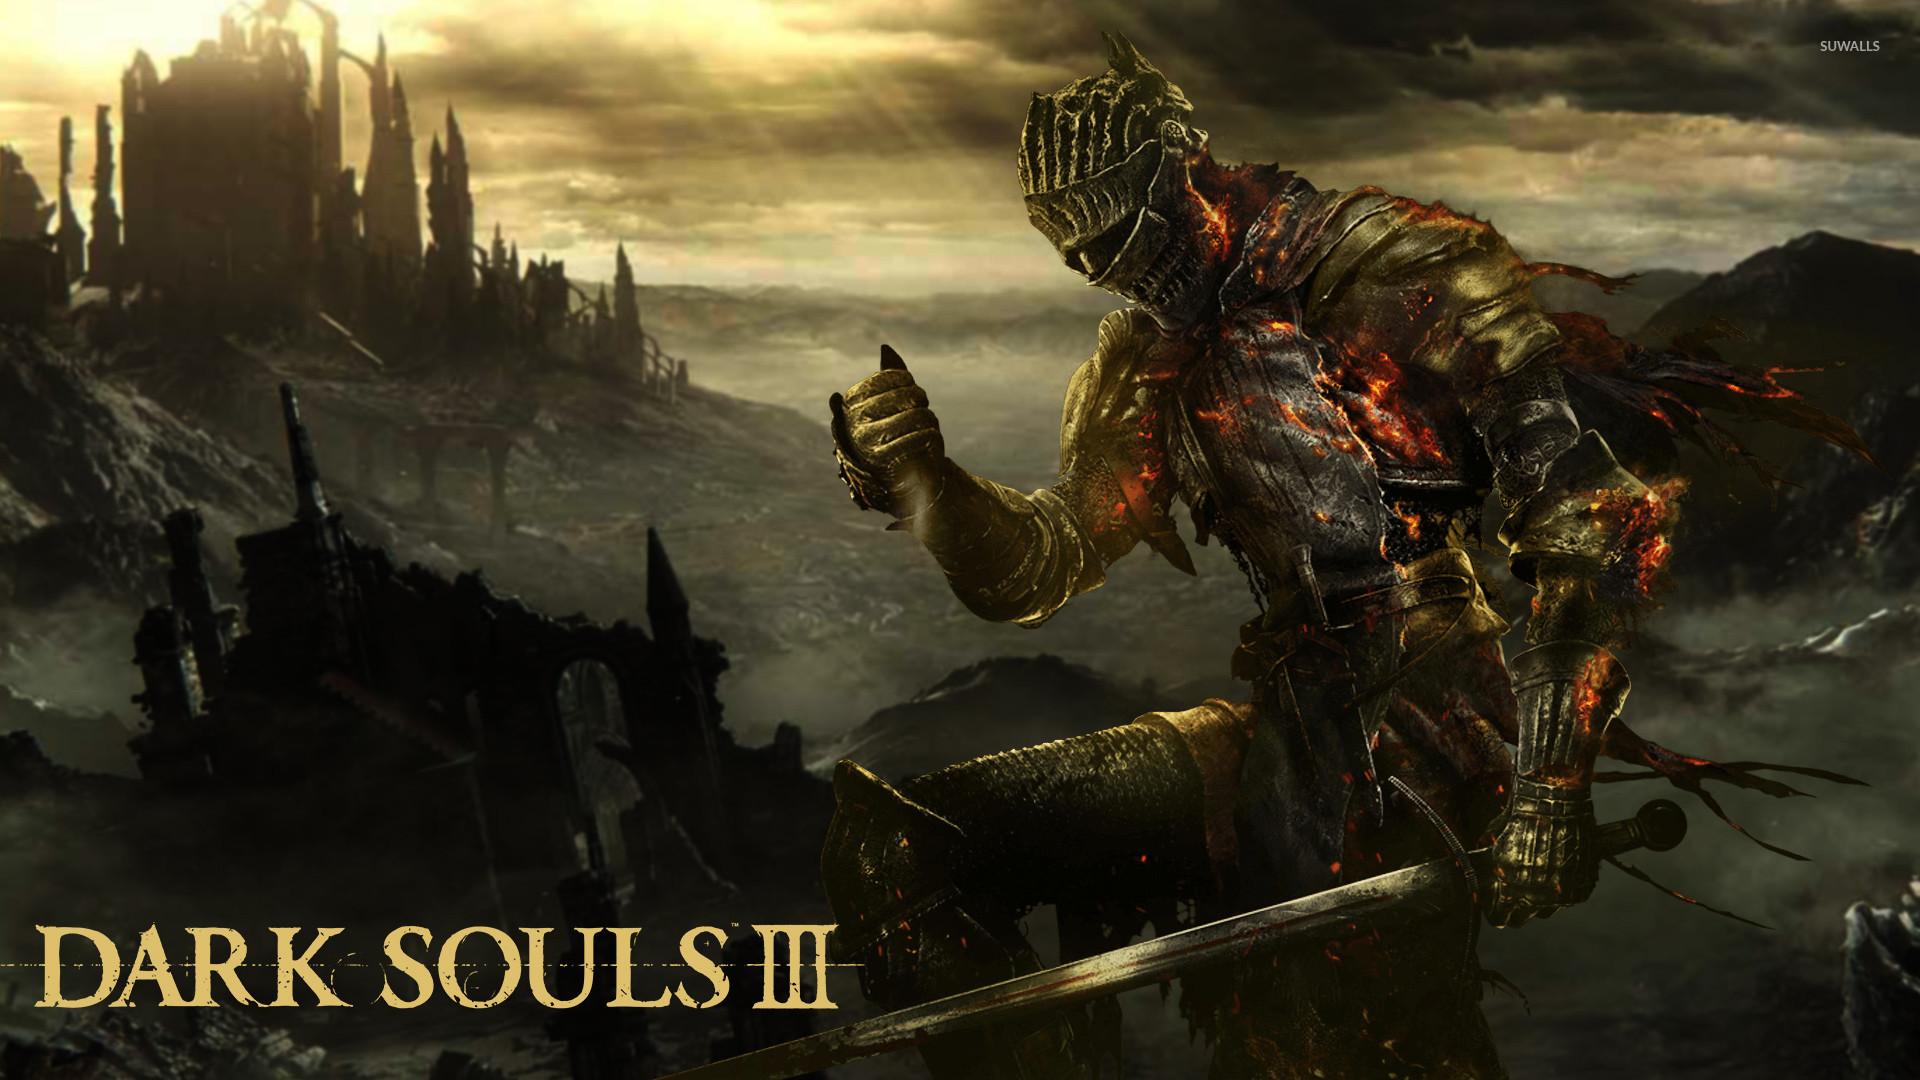 Dark Souls 3 – Storm Ruler Computer Wallpapers, Desktop .